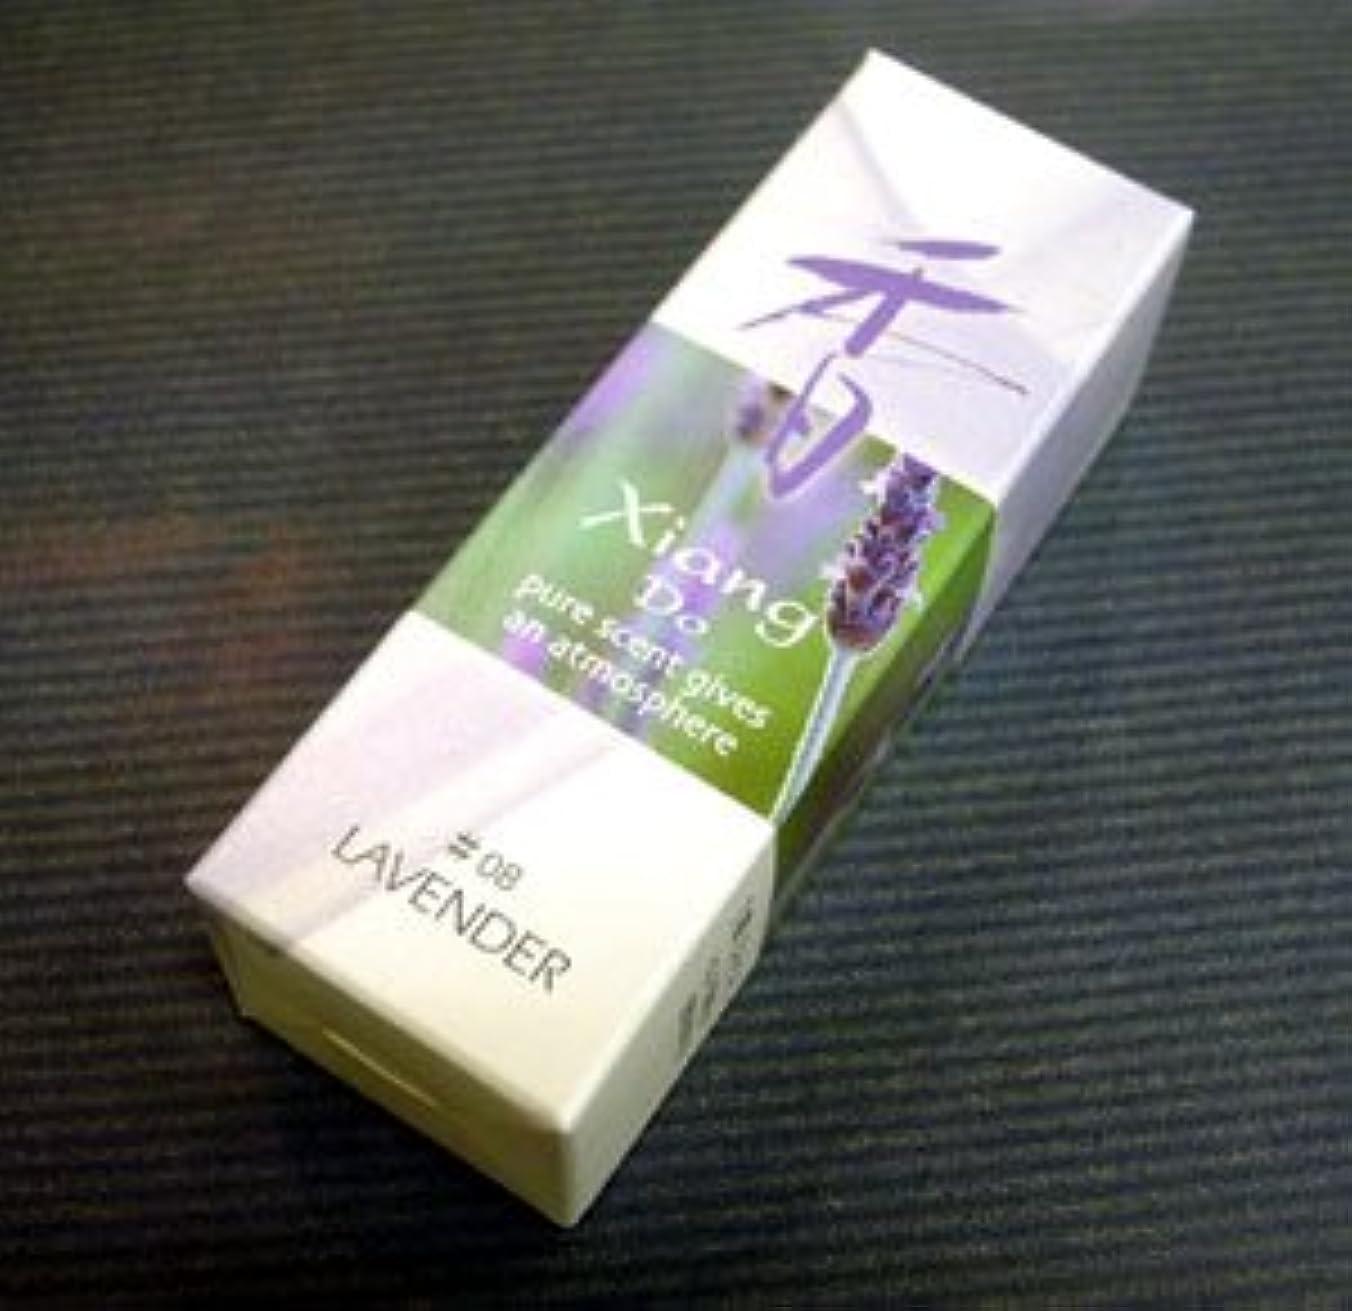 覗くリルギャロップ心やすらぐ香りはいかがですか 松栄堂【Xiang Do ラベンダー】スティック 【お香】